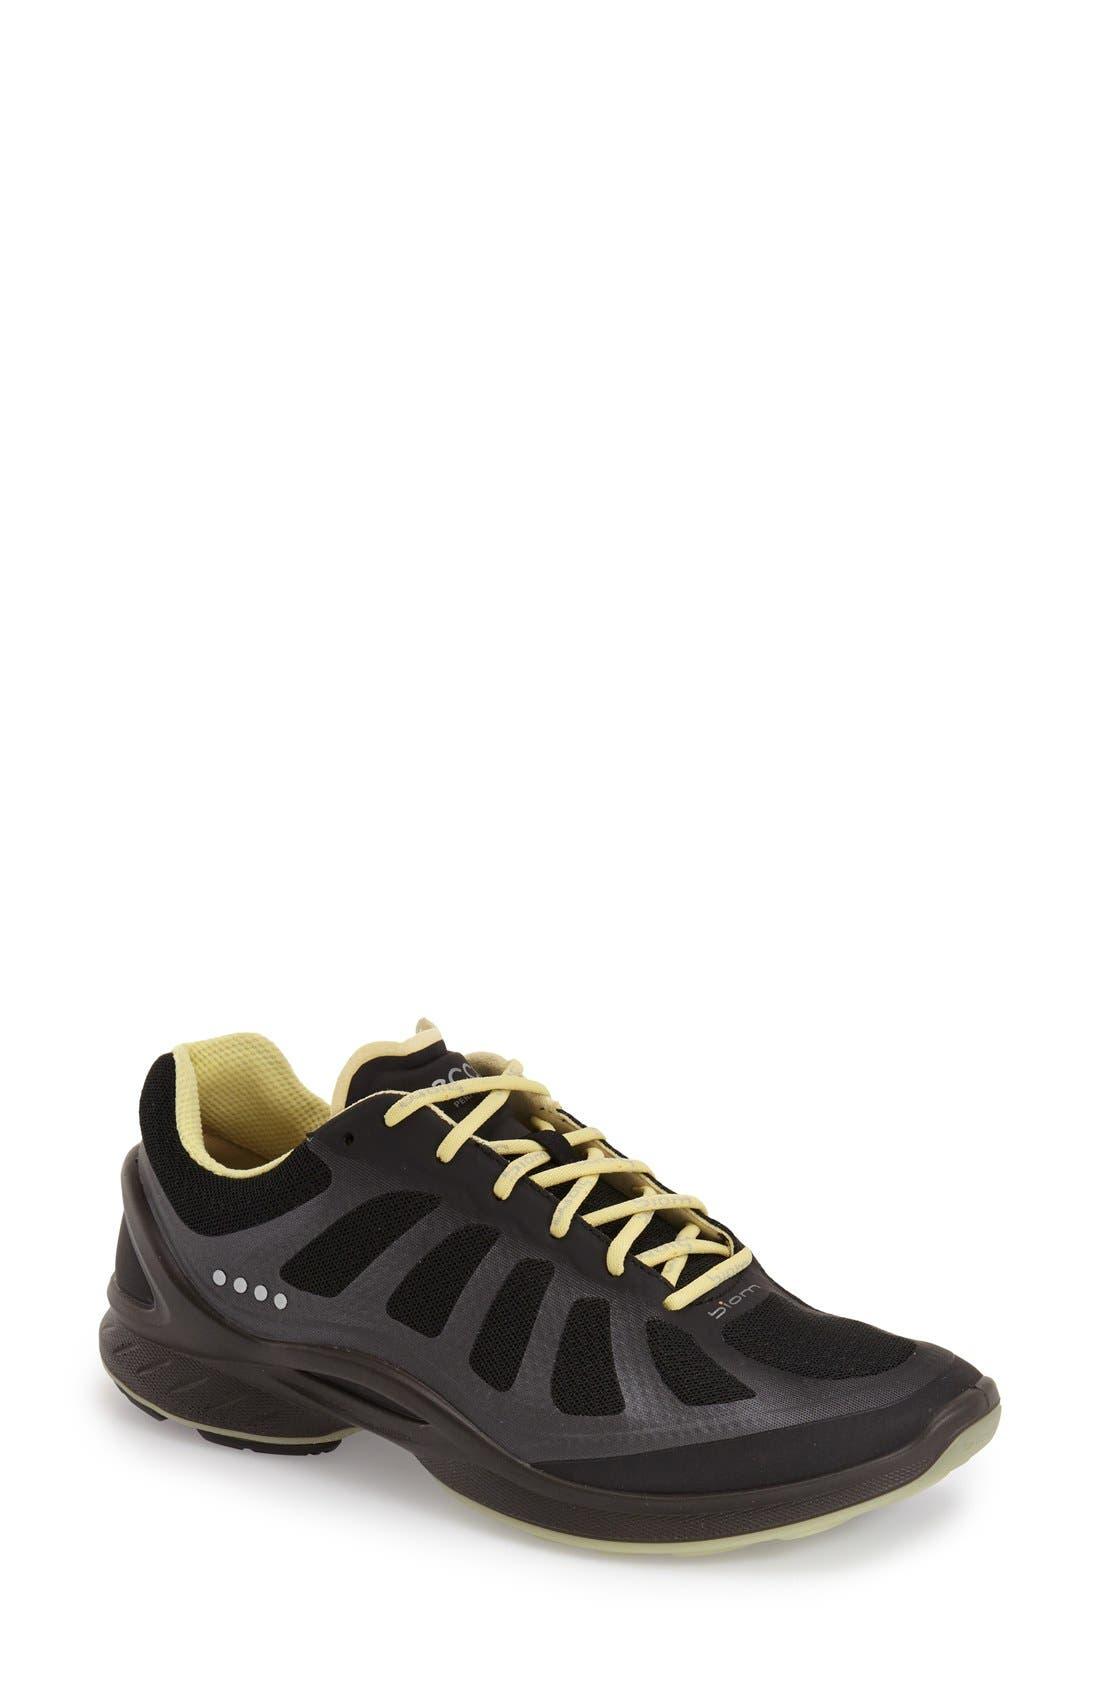 'BIOM Fjuel Racer' Sneaker,                             Main thumbnail 1, color,                             017